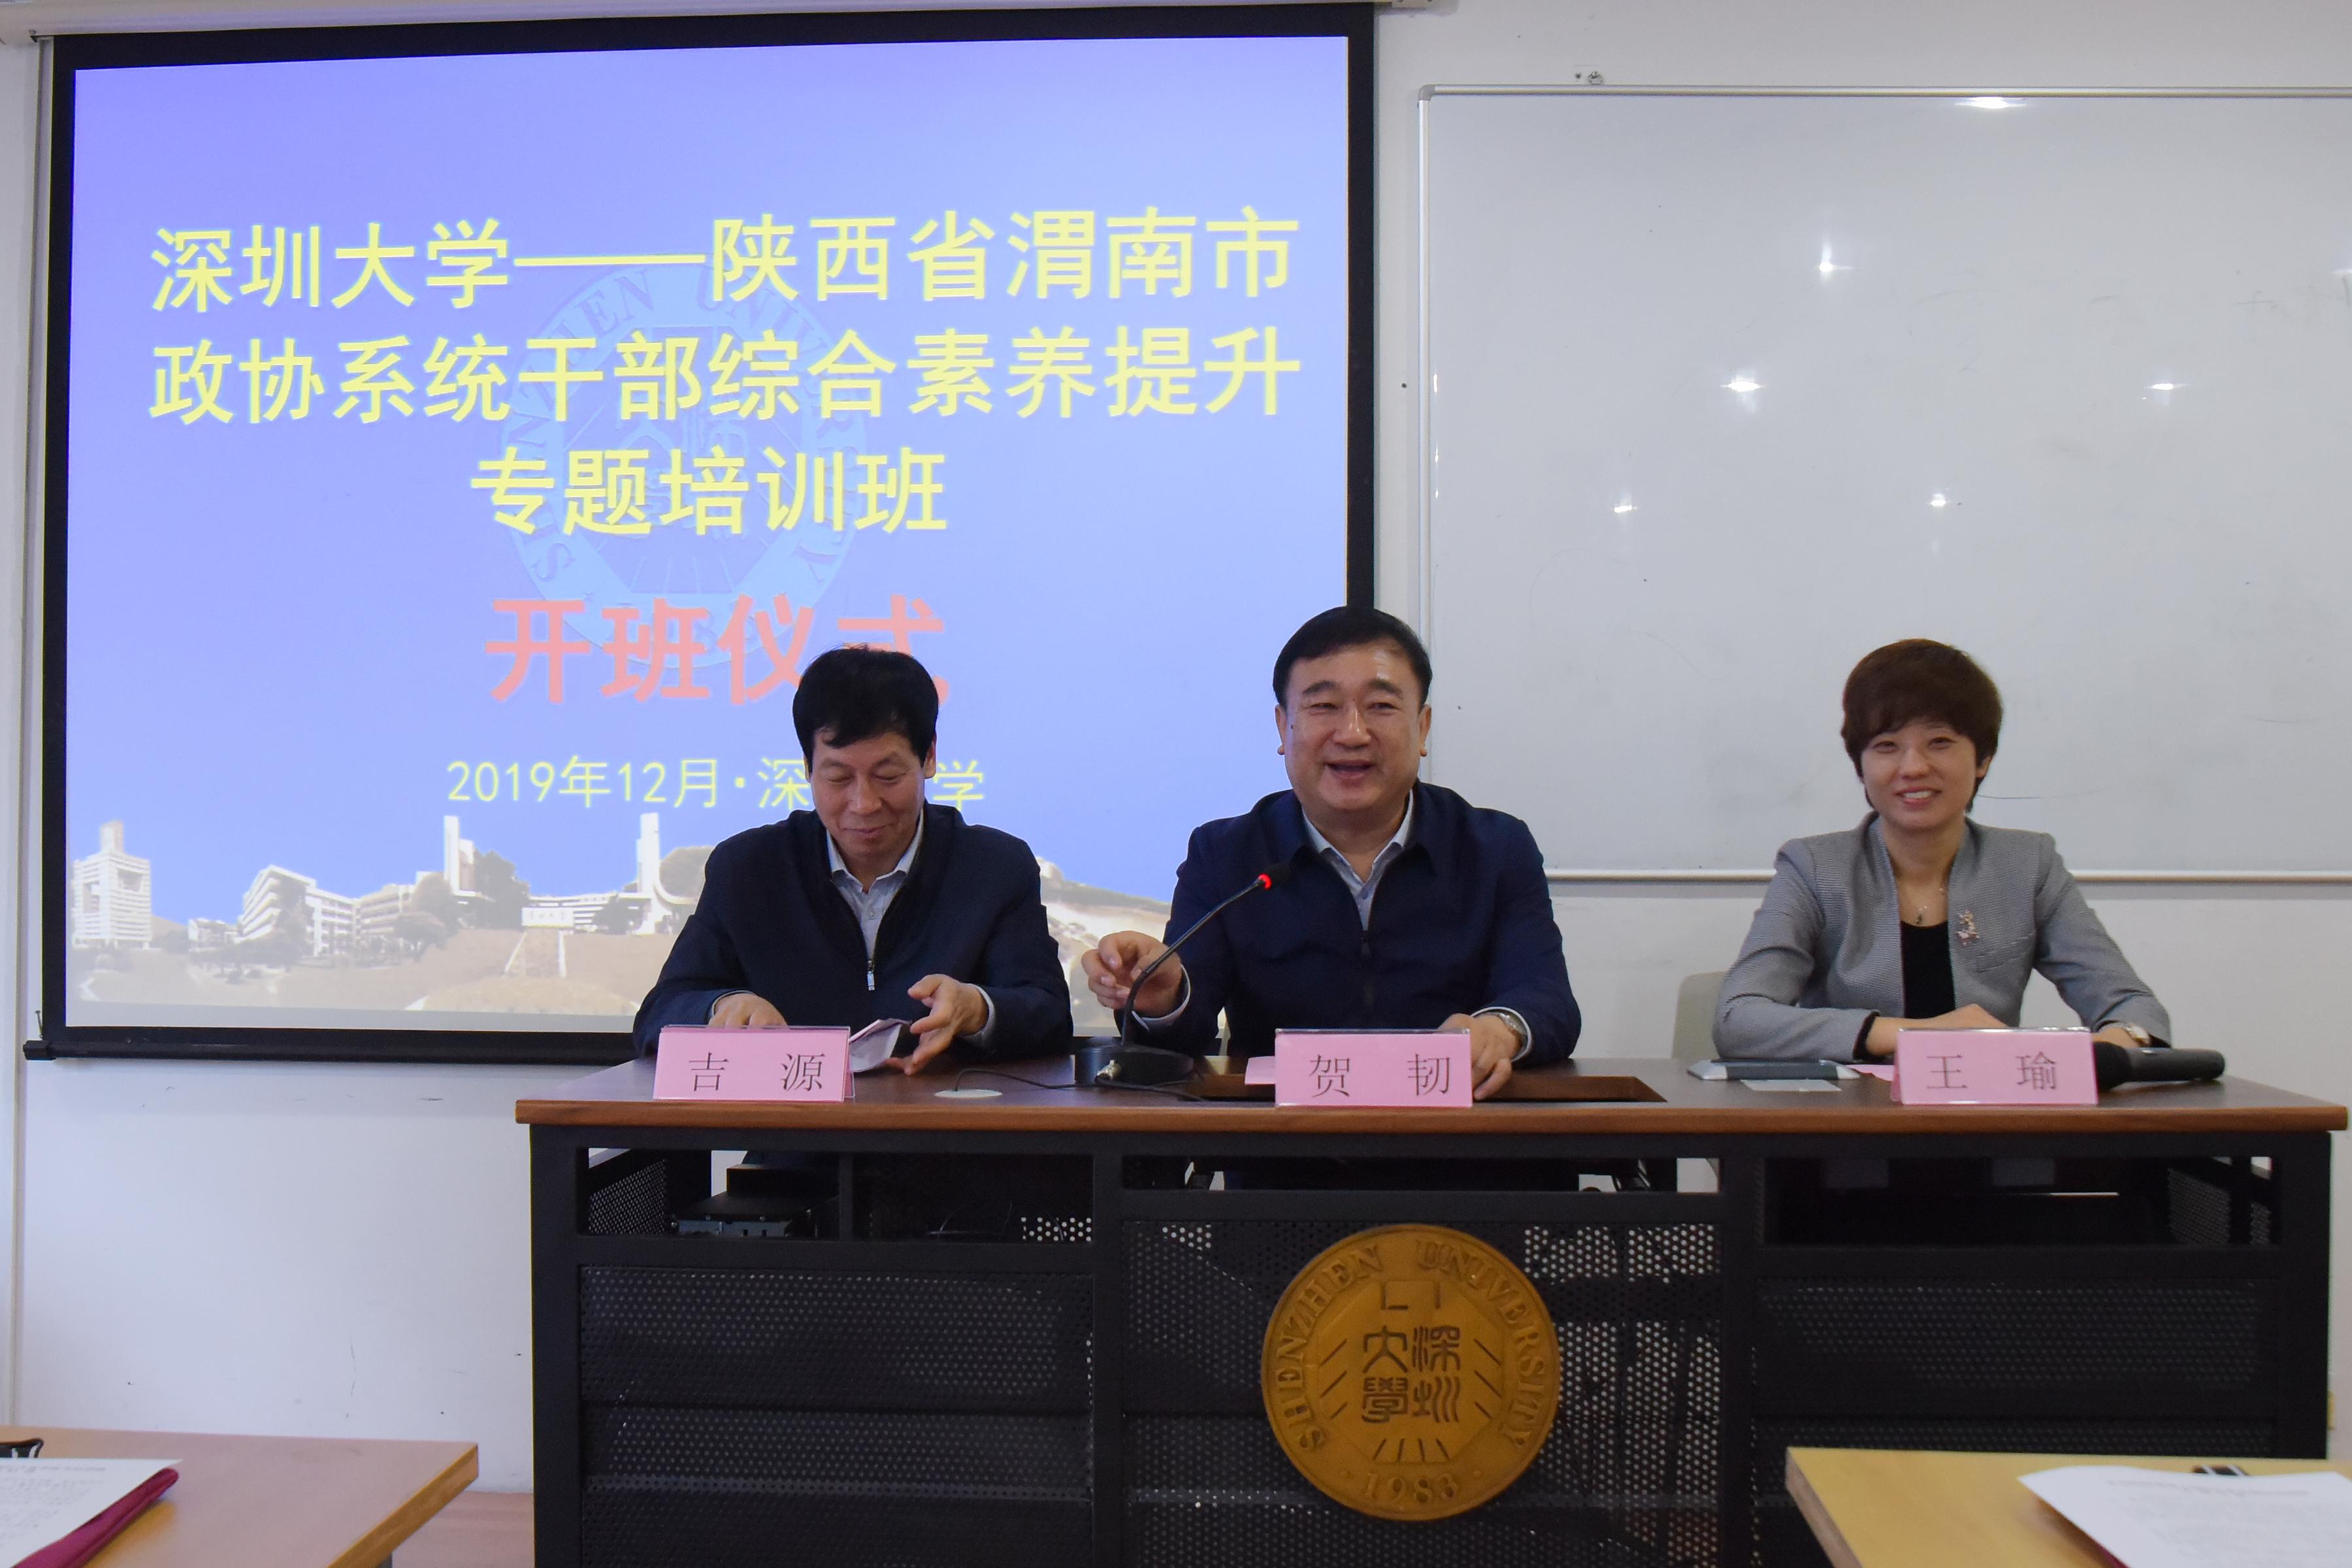 陕西省渭南市政协系统干部综合素养提升专题培训班开班